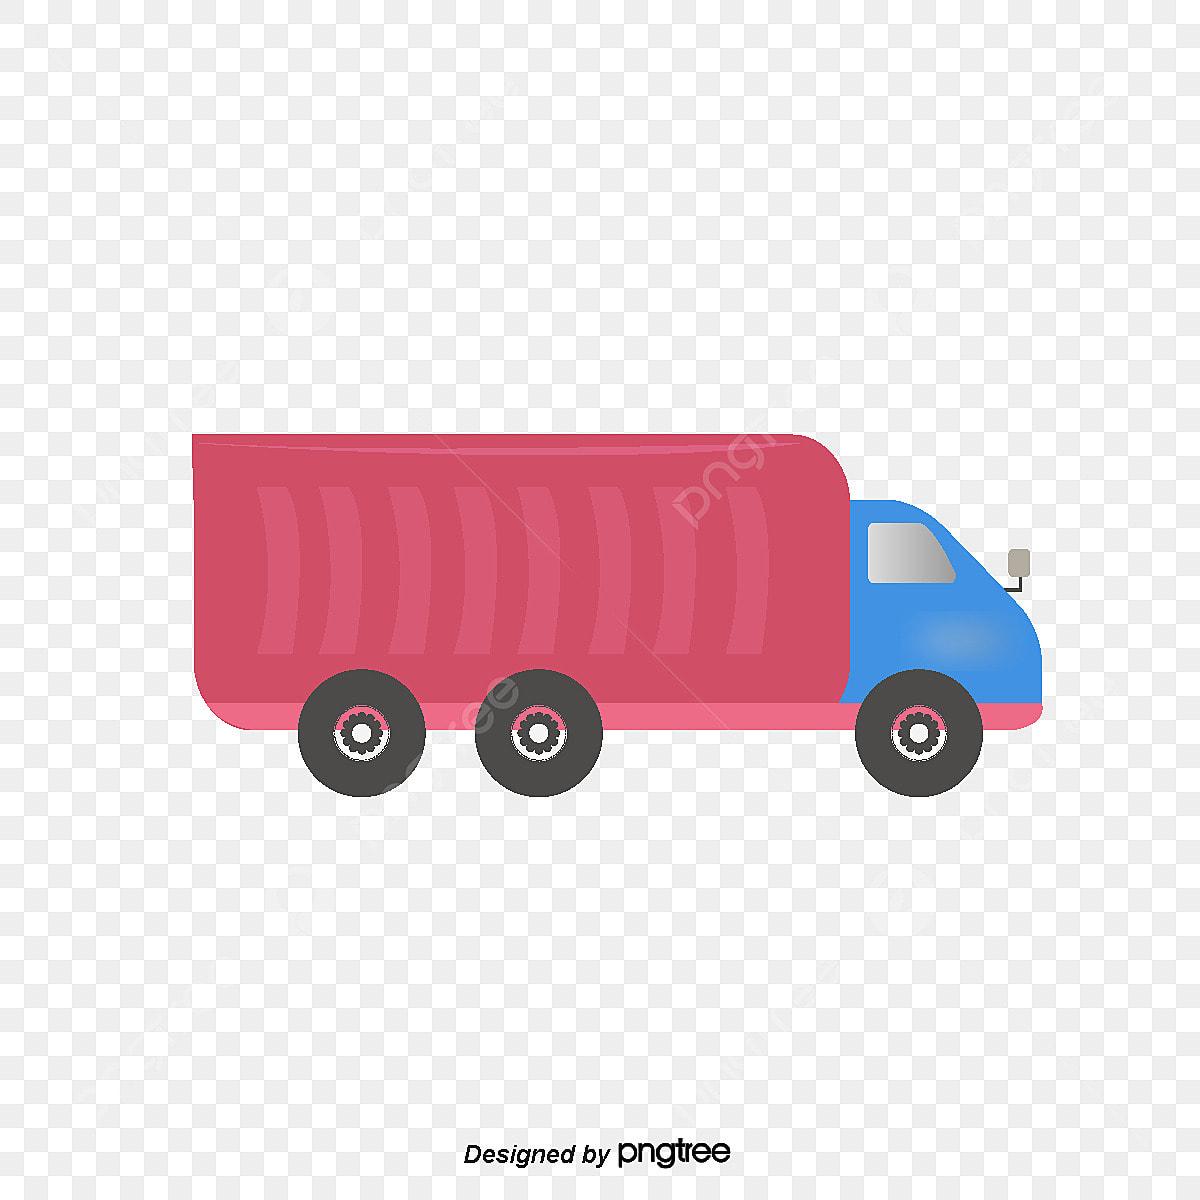 Dessins Animés Dessinés à La Main La Camionnette De Vecteur